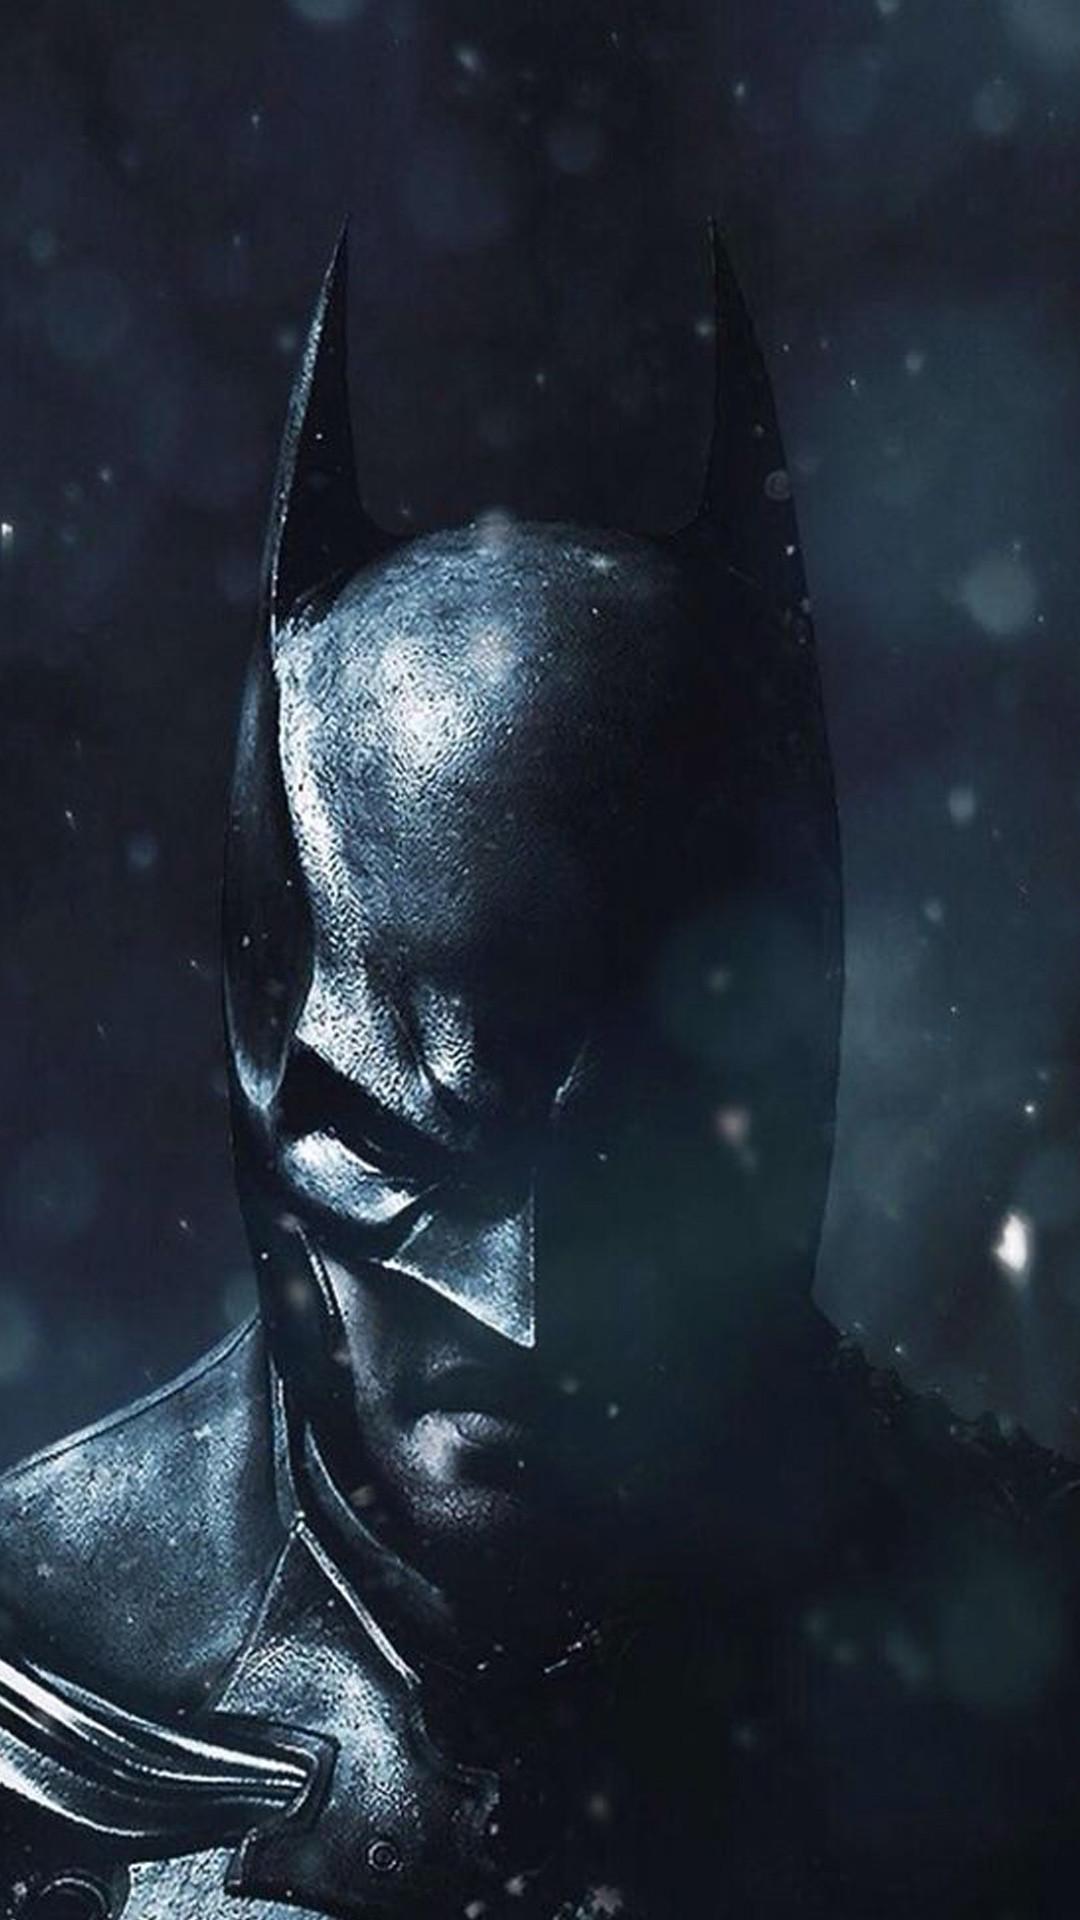 Top Wallpaper Mobile Batman - 735584-cool-batman-wallpaper-1080x1920-pc  Picture_889743.jpg